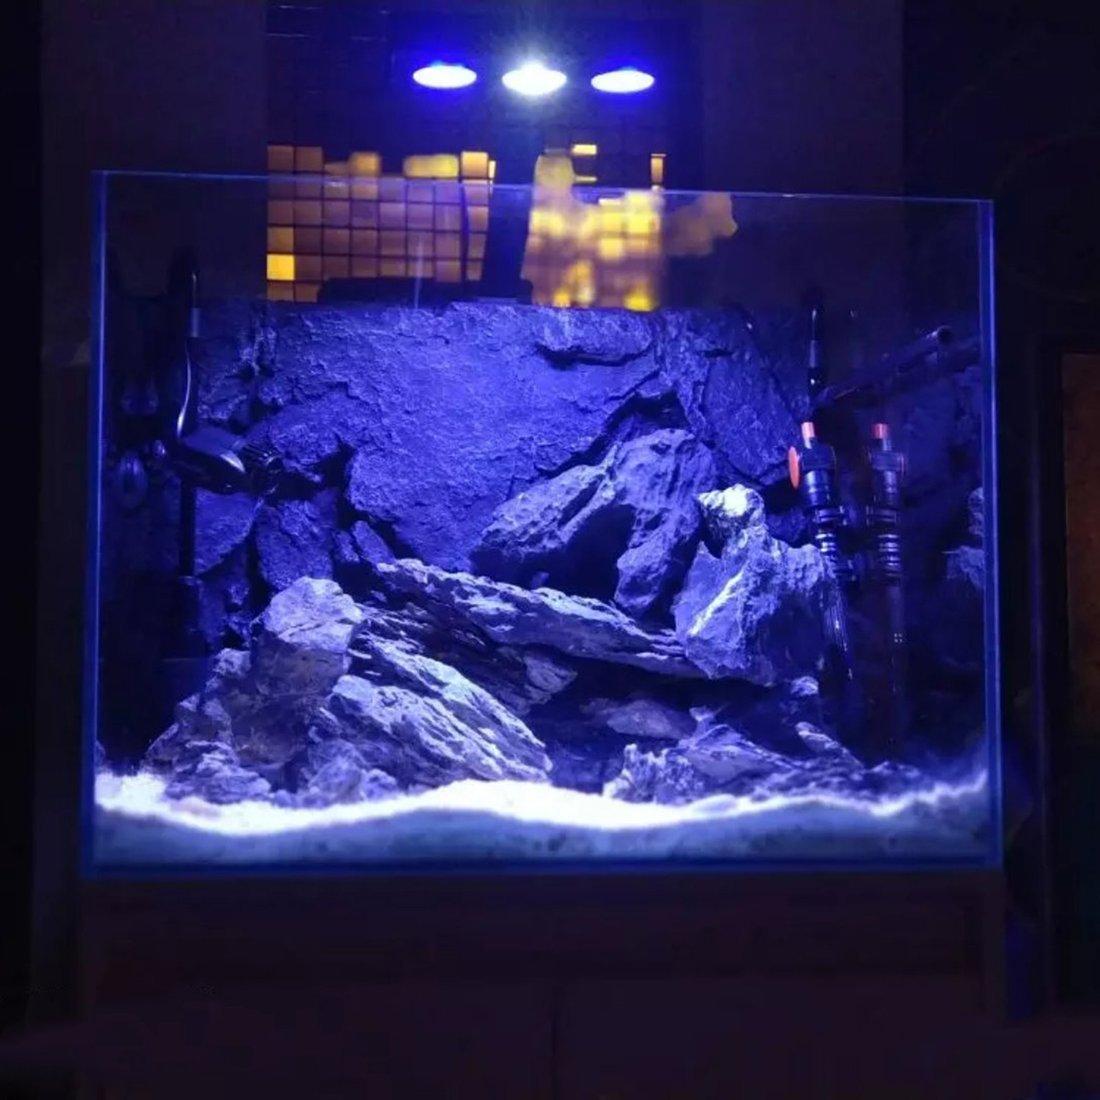 LED acuario luz 30W interior acuario LED iluminación de agua salada con control táctil para arrecife de coral tanque de peces: Amazon.es: Productos para ...